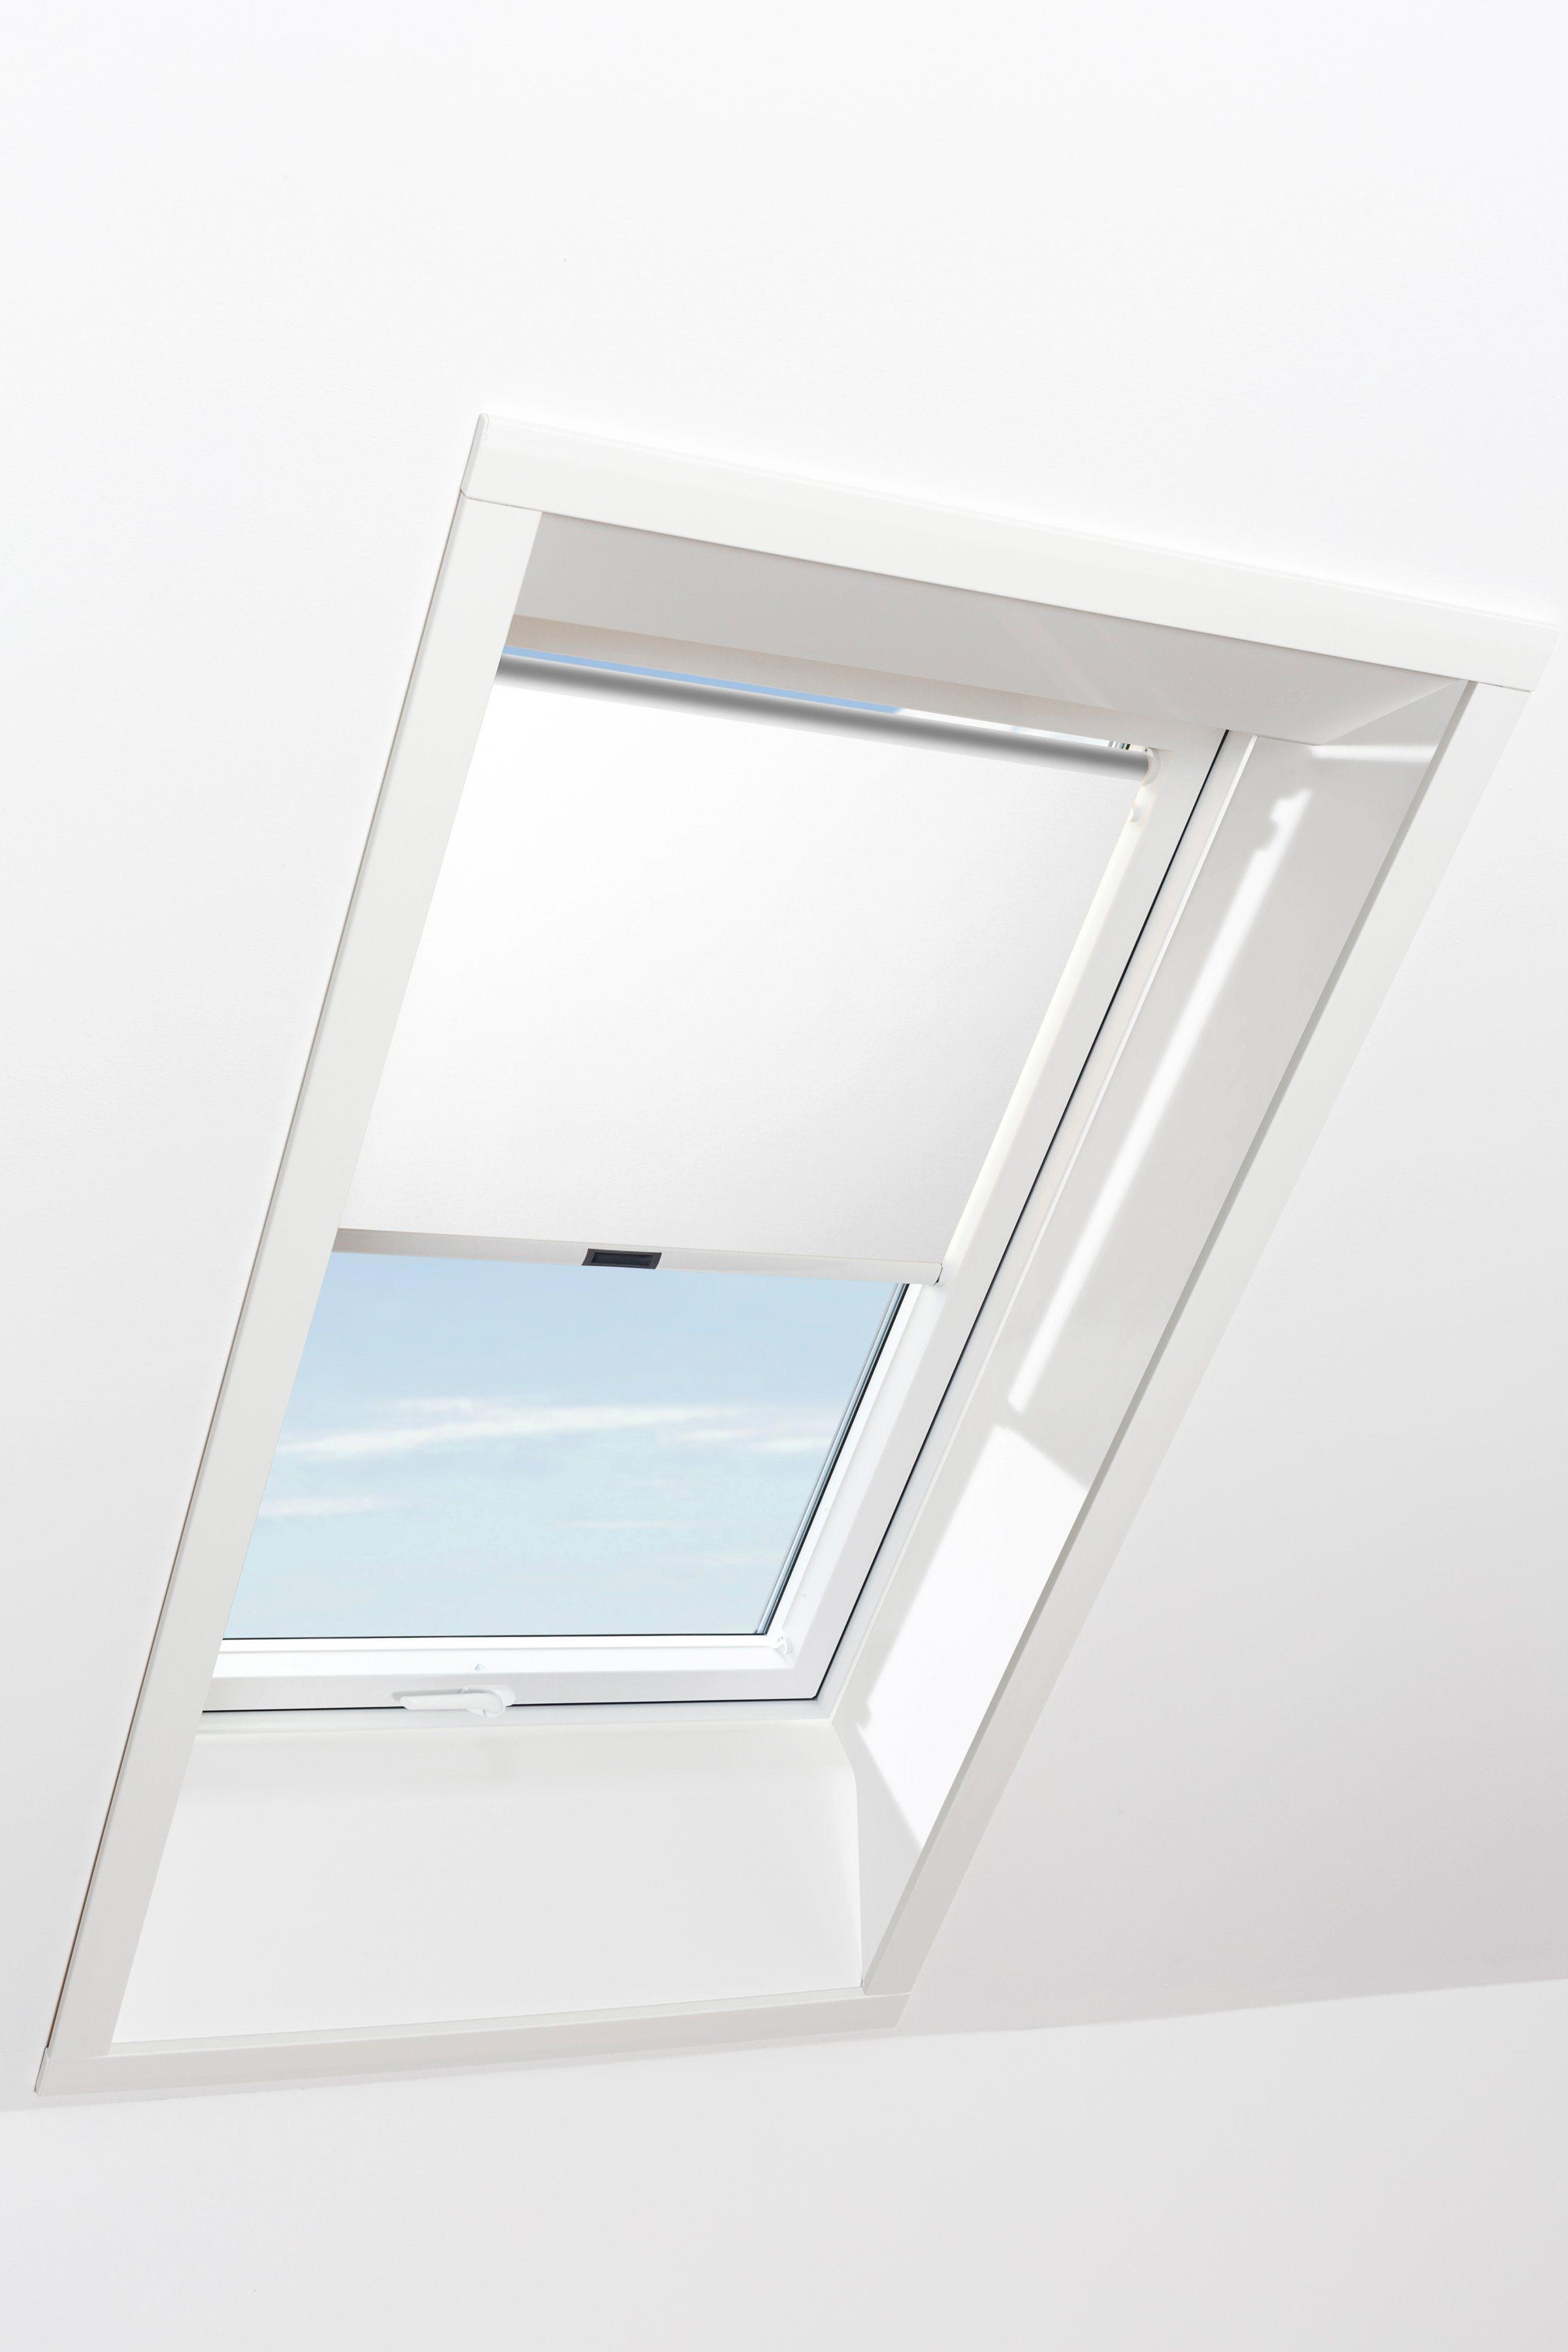 RORO Sichtschutzrollo »Typ SIRW914«, BxL: 94x140 cm, weiß | Garten > Zäune und Sichtschutz | RORO